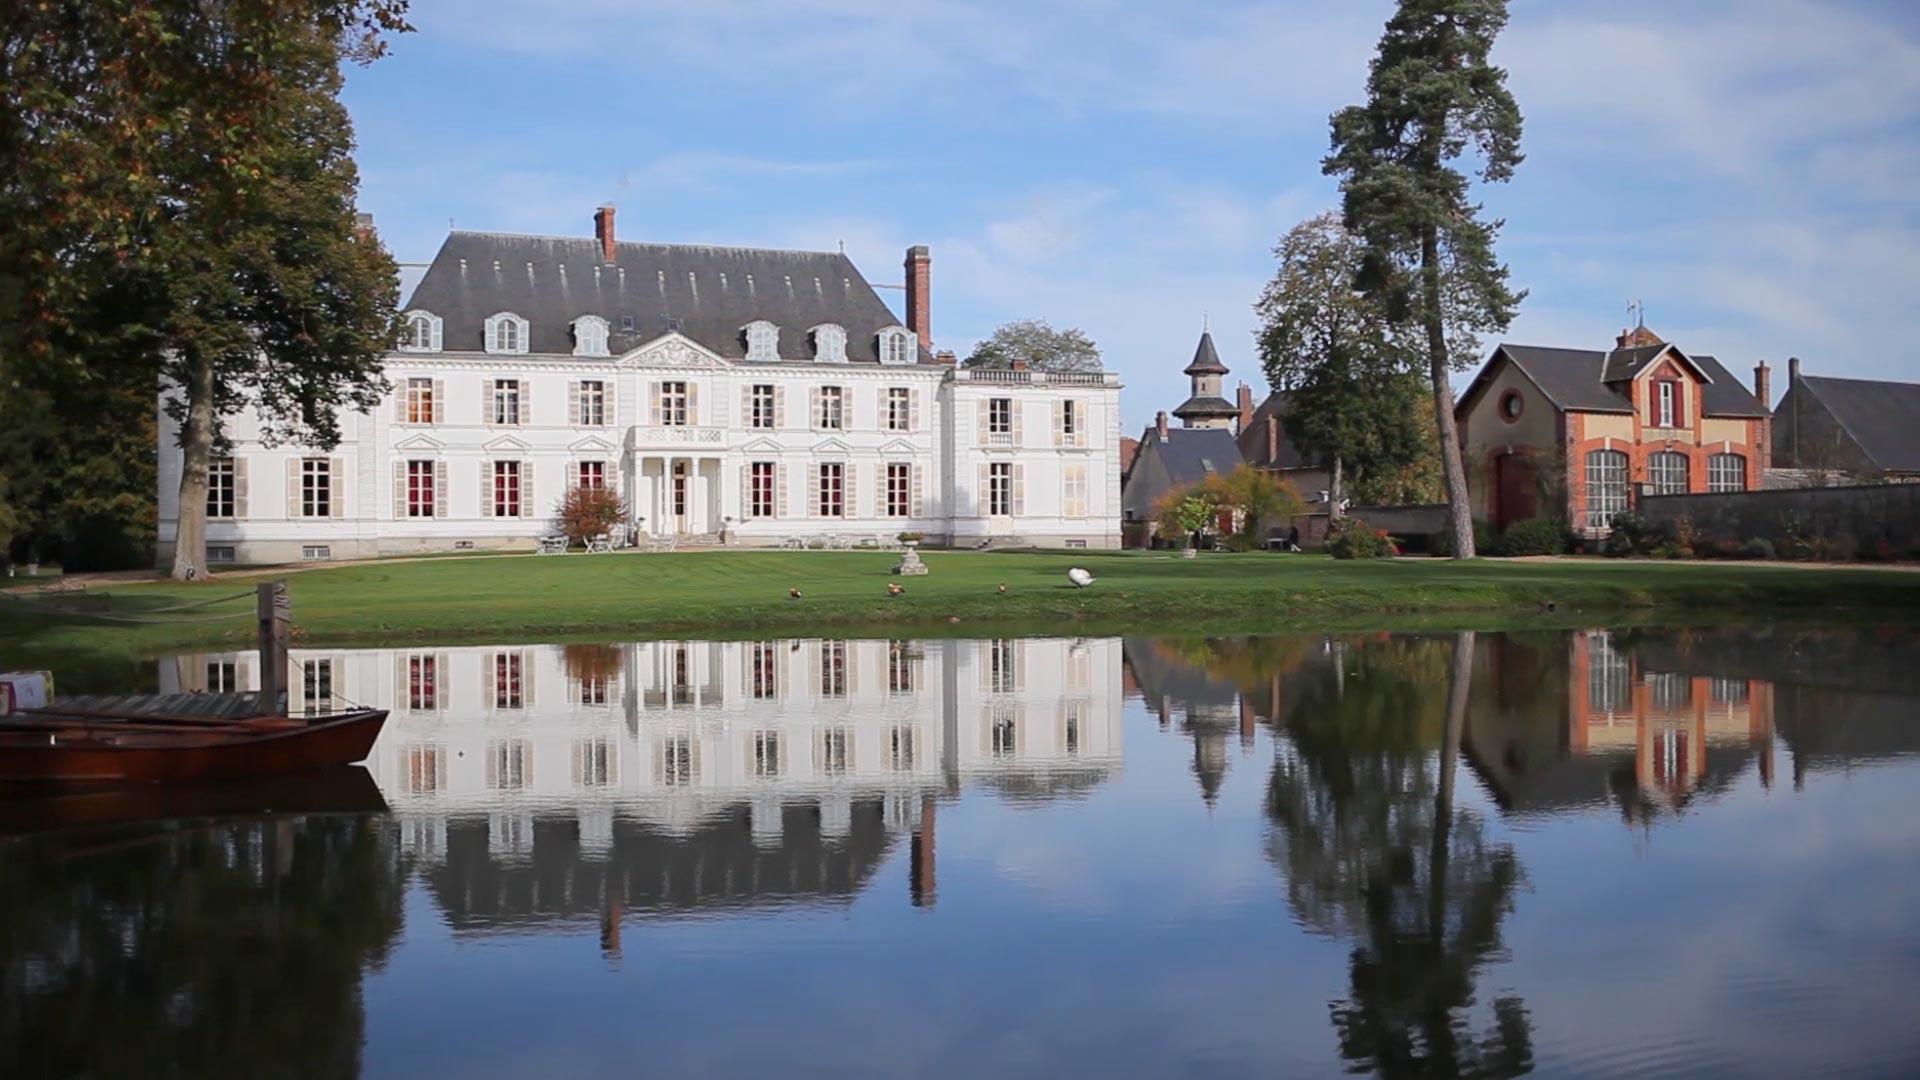 Videaste mariage Château Barthélemy | Un Mariage, Une Histoire